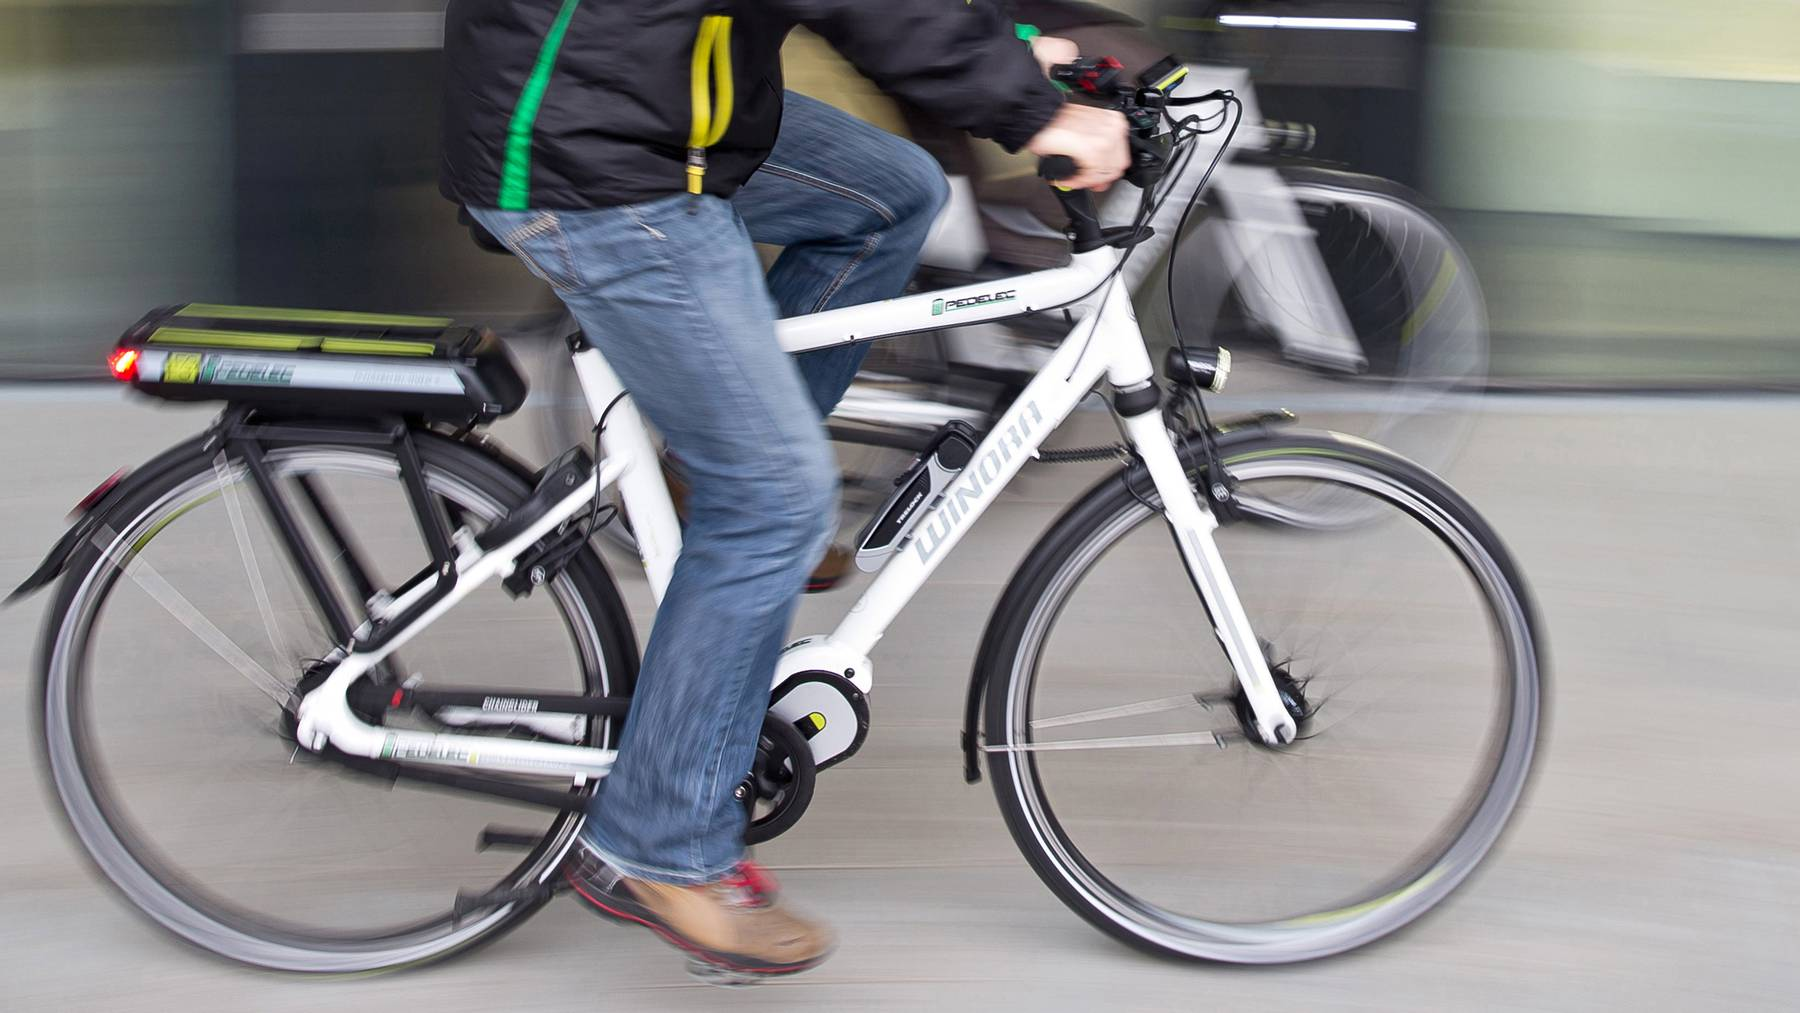 Die E-Bike-Verkäufe sind 2019 um 19 Prozent angestiegen. (Symbolbild)